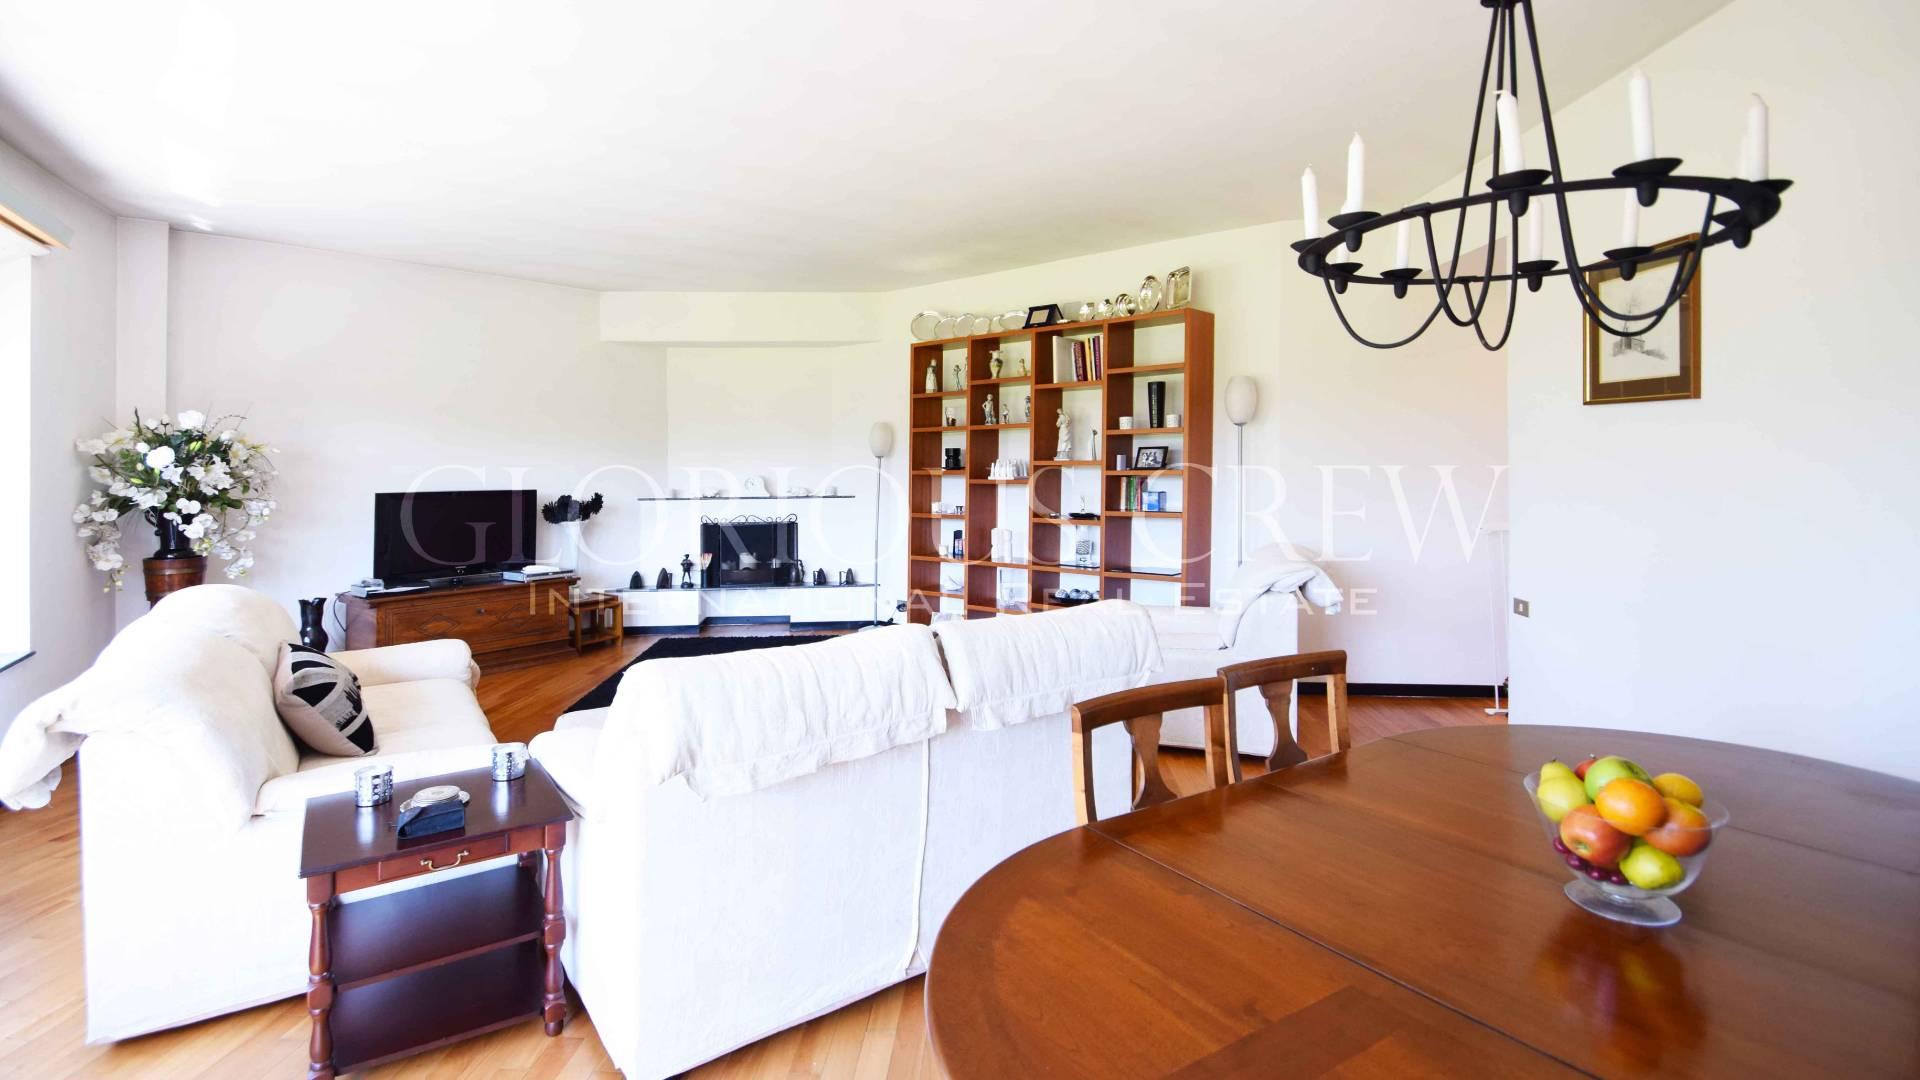 Appartamento in Vendita a Cassina Rizzardi: 4 locali, 155 mq - Foto 6